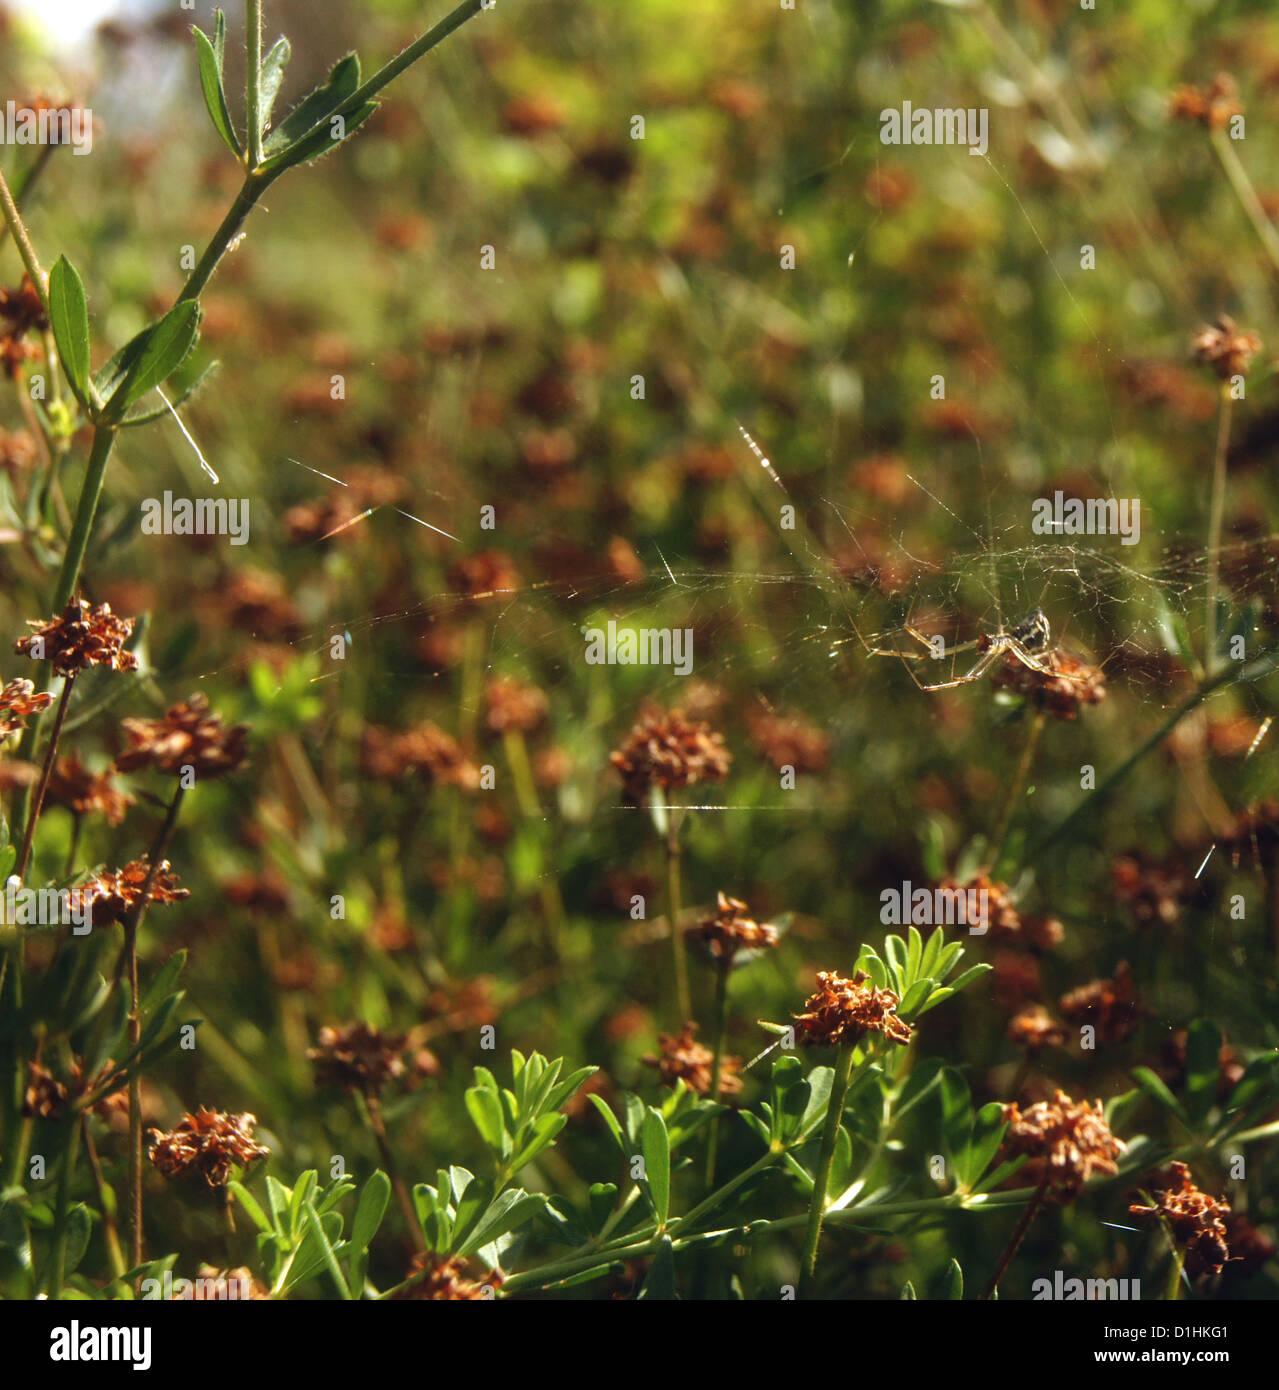 Spider hangs between flowers - Stock Image